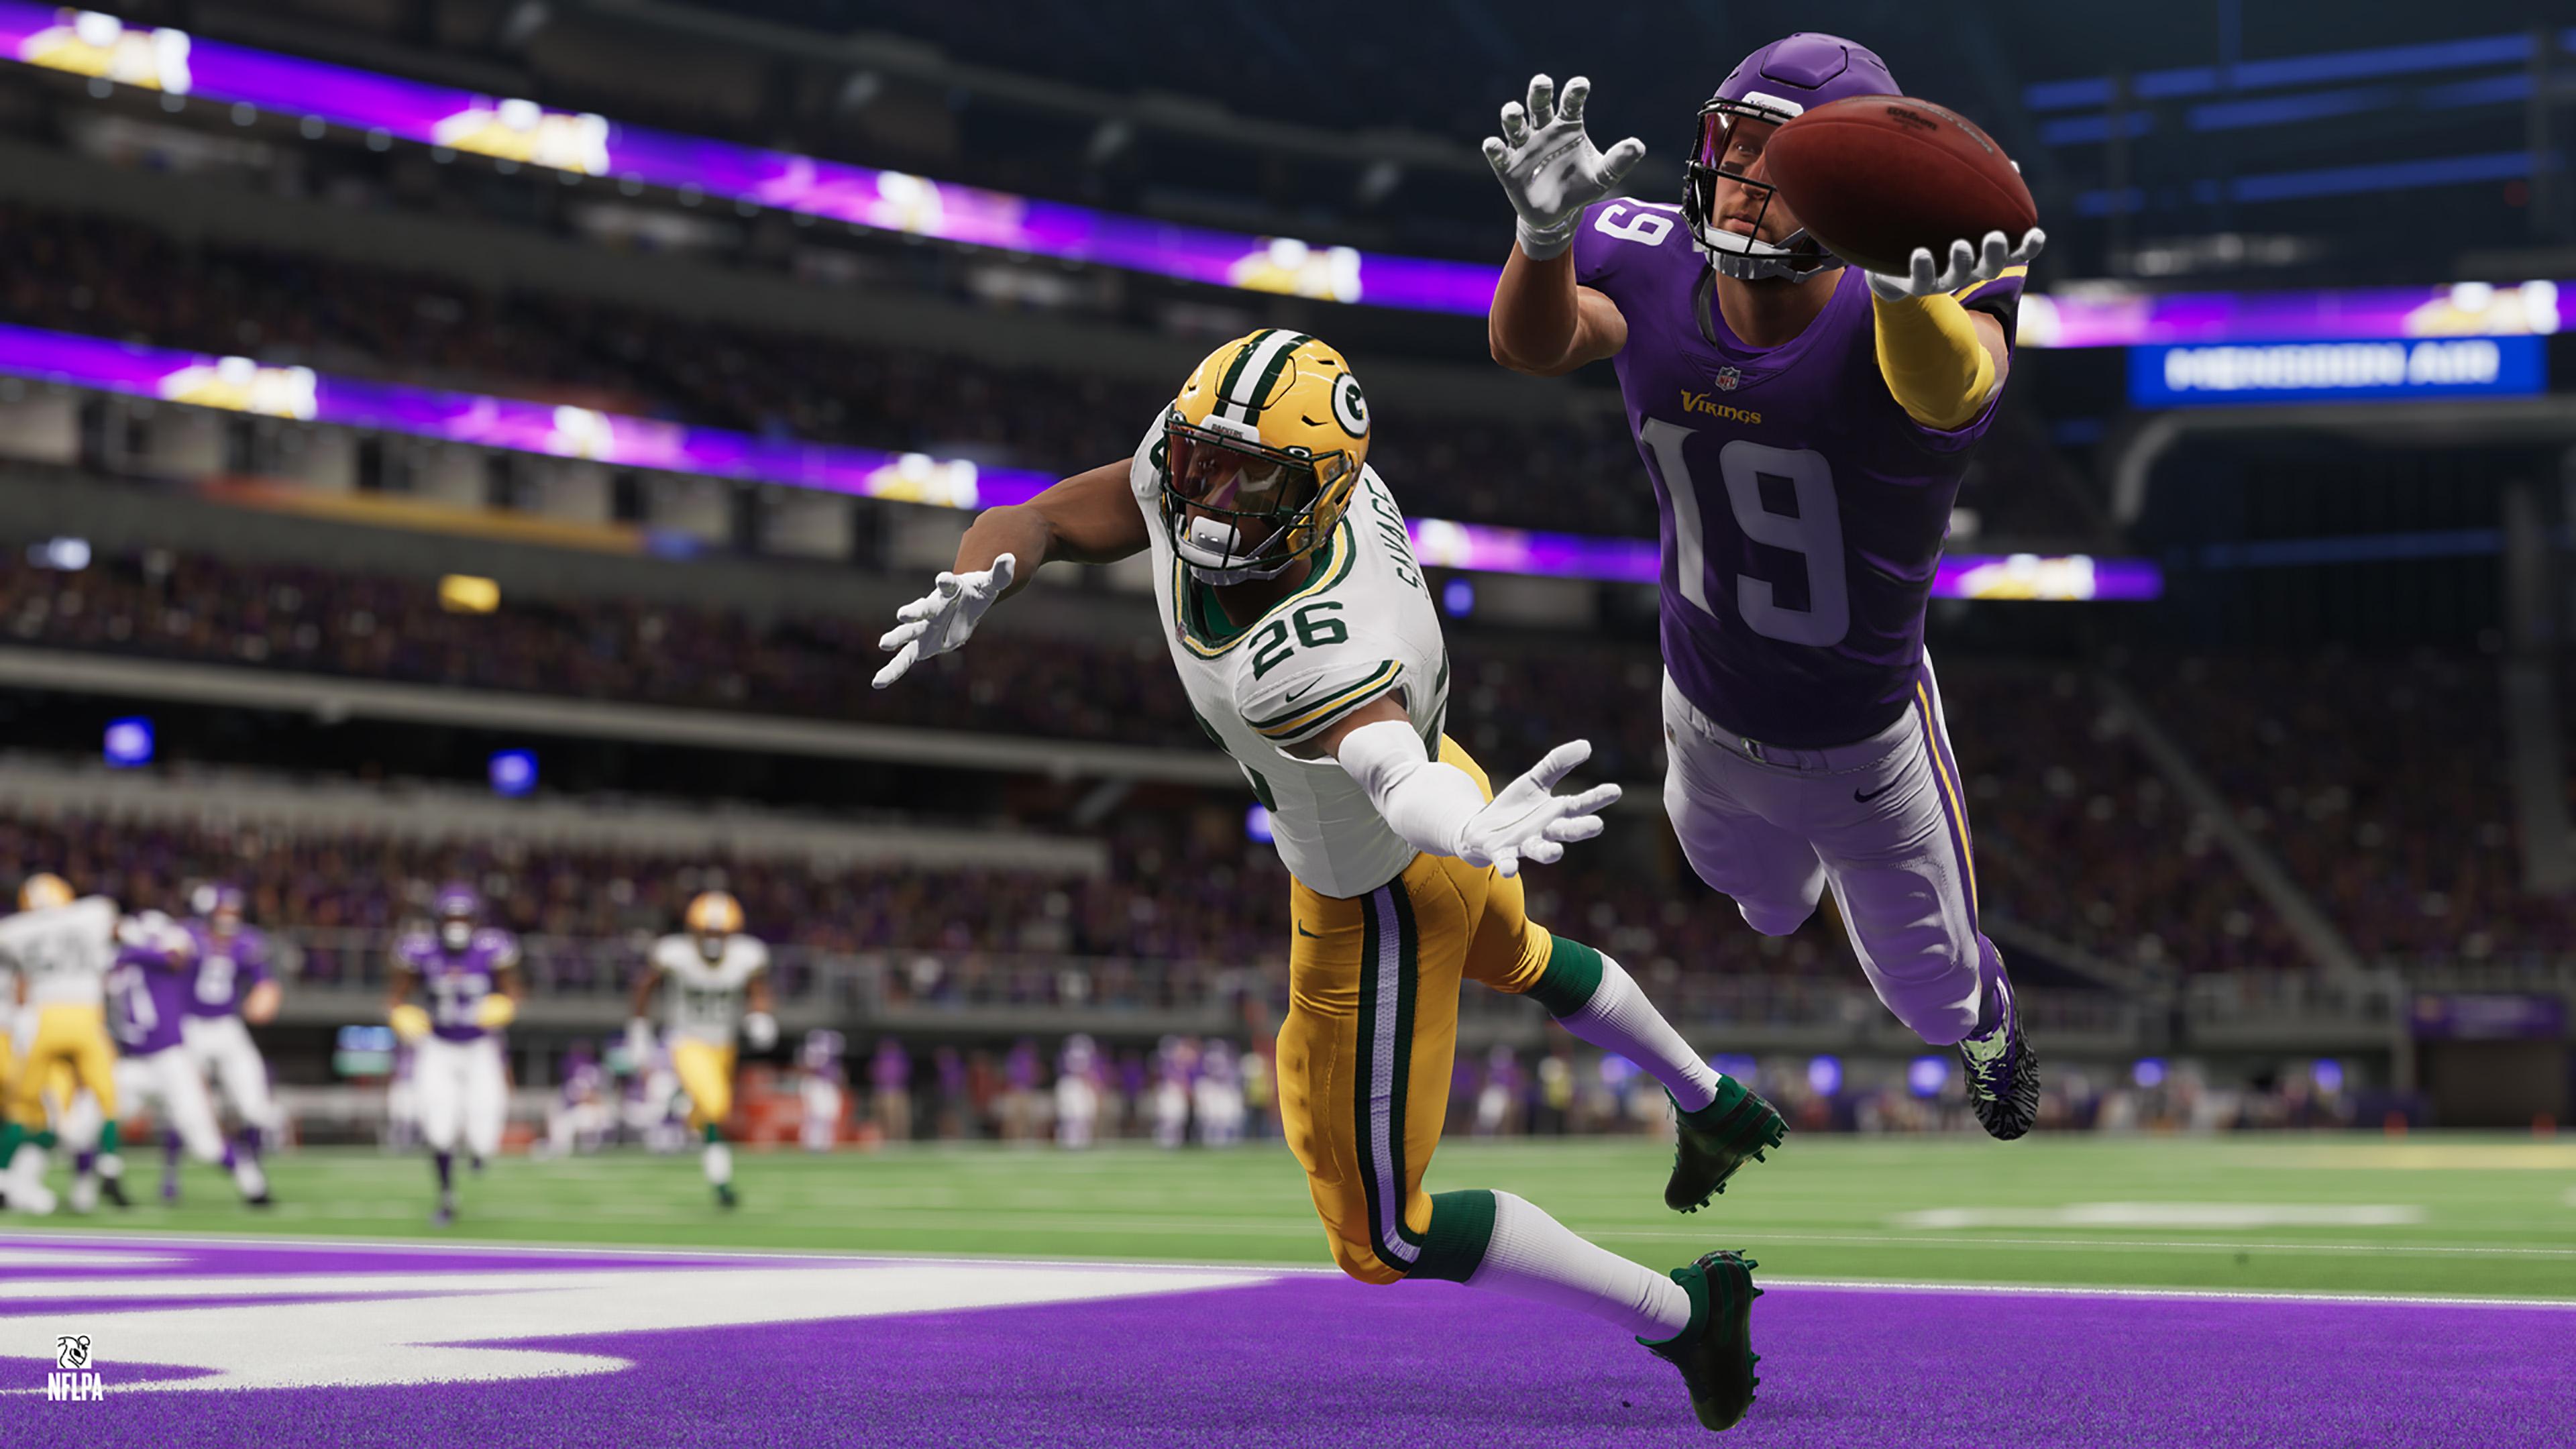 Скриншот №3 к Madden NFL 22 Издание MVP для PS4 и PS5